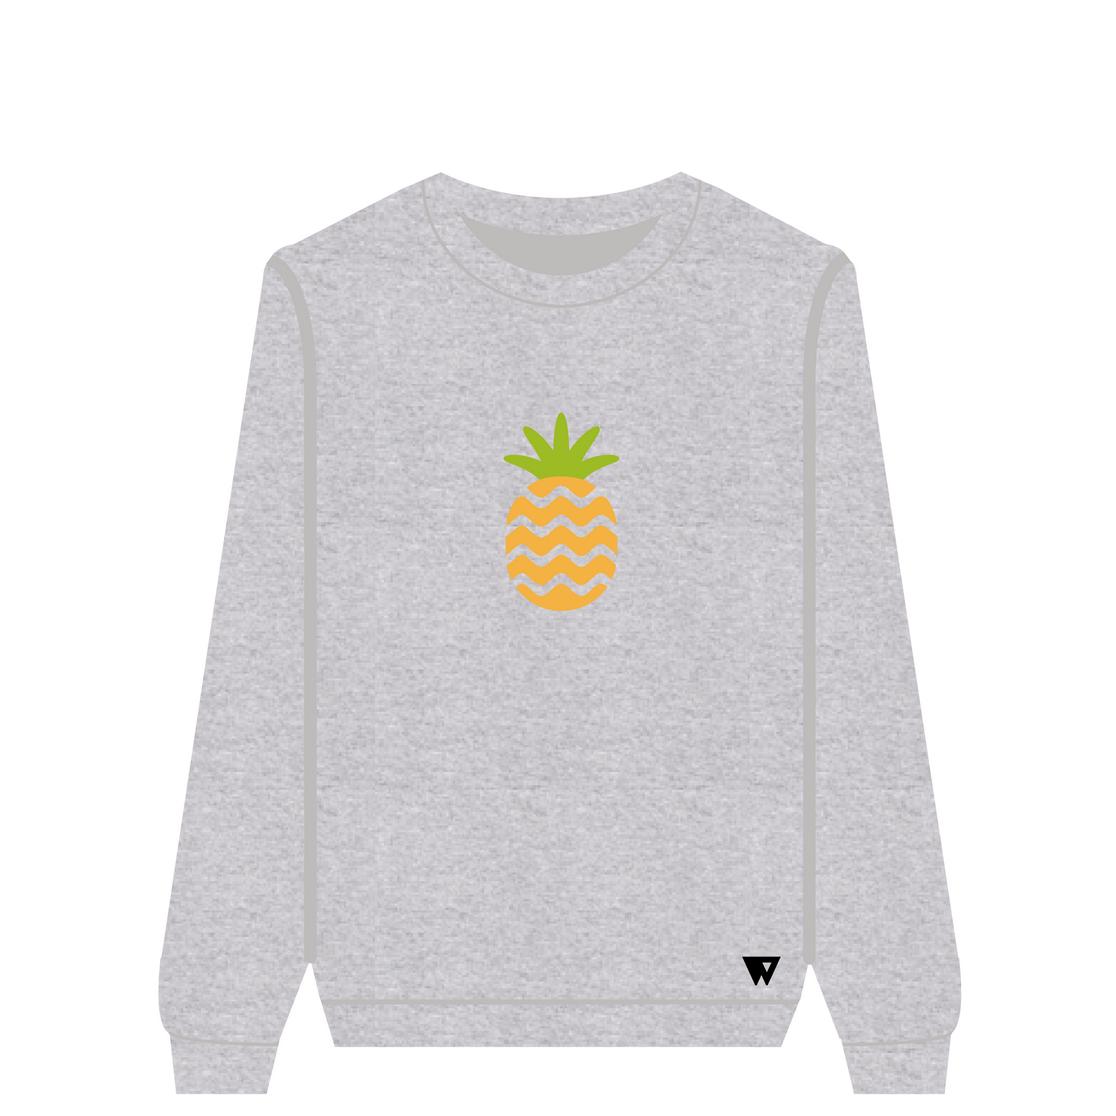 Sweatshirt Pineapple | Wuzzee